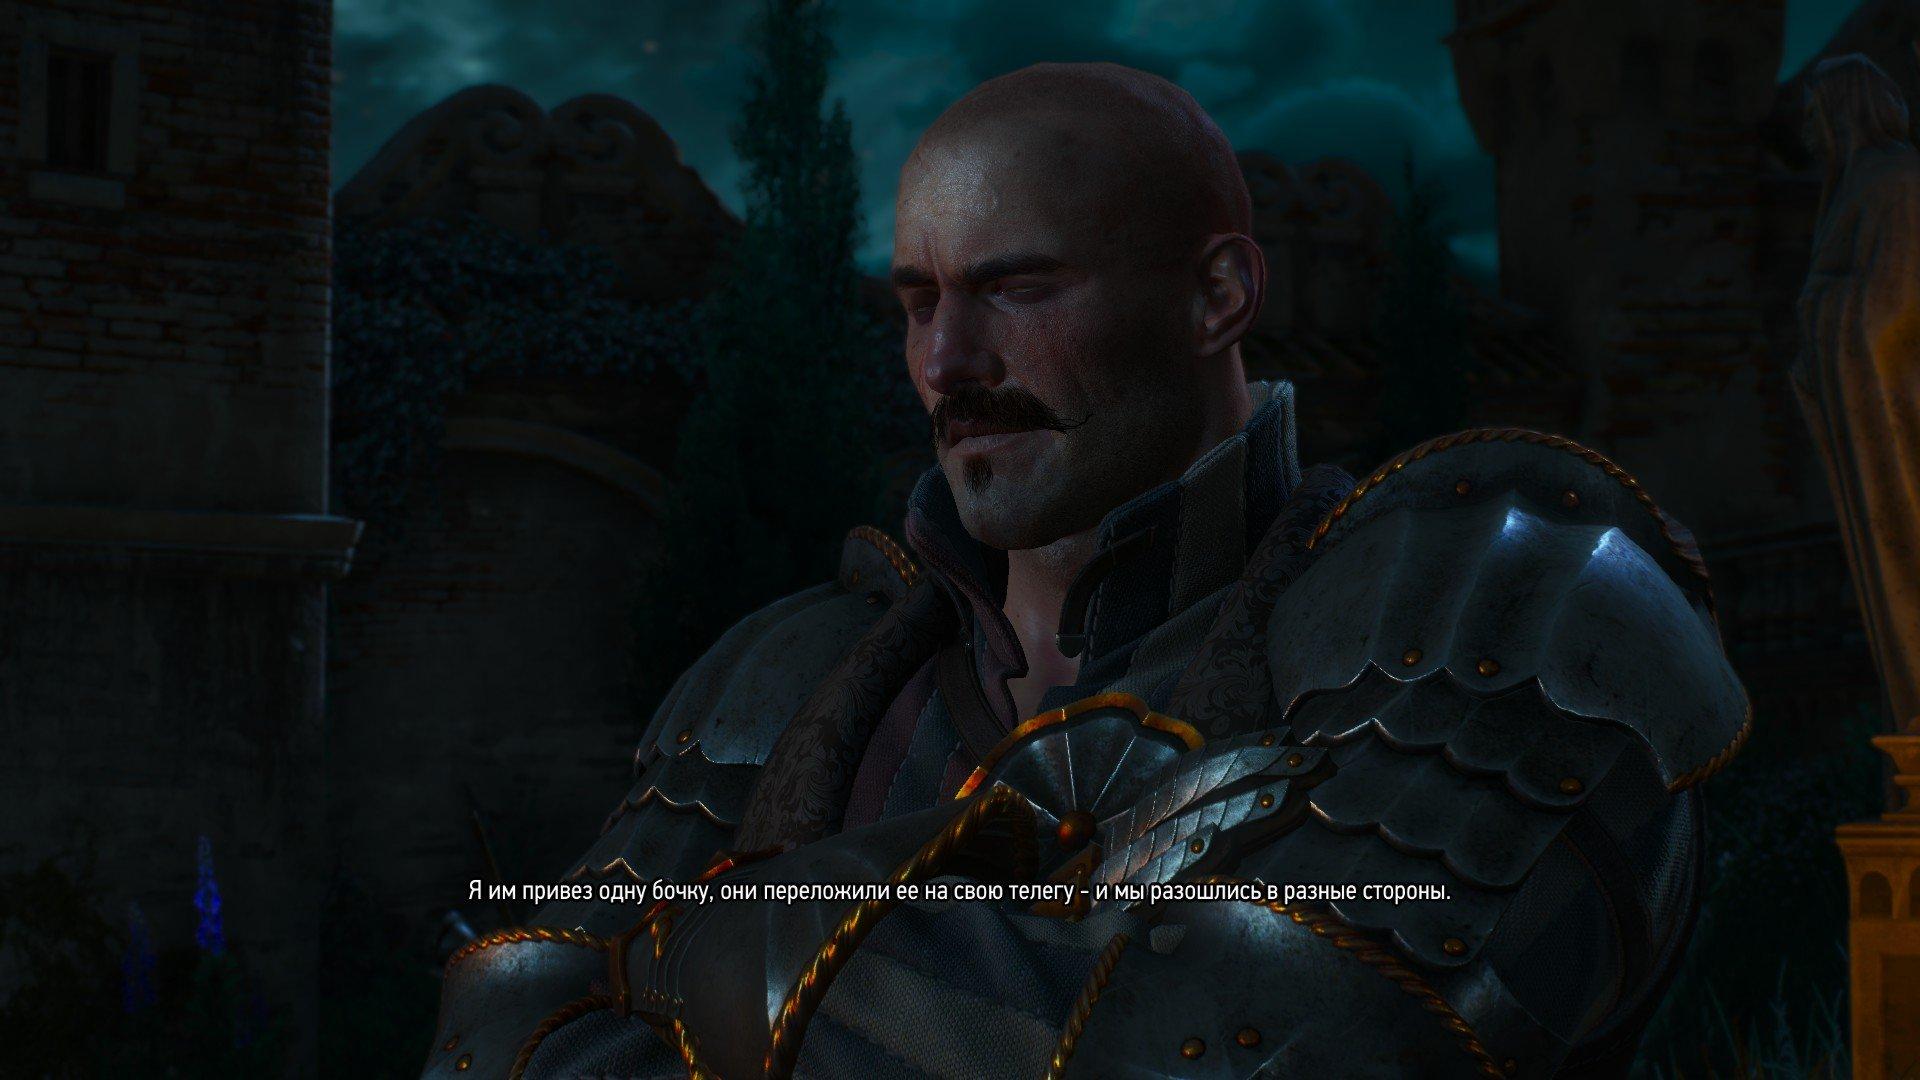 Вопль-прохождение Witcher 3: Кровь и Вино ... ФИНАЛ!!! [ВНИМАНИЕ, СПОЙЛЕРЫ] - Изображение 8